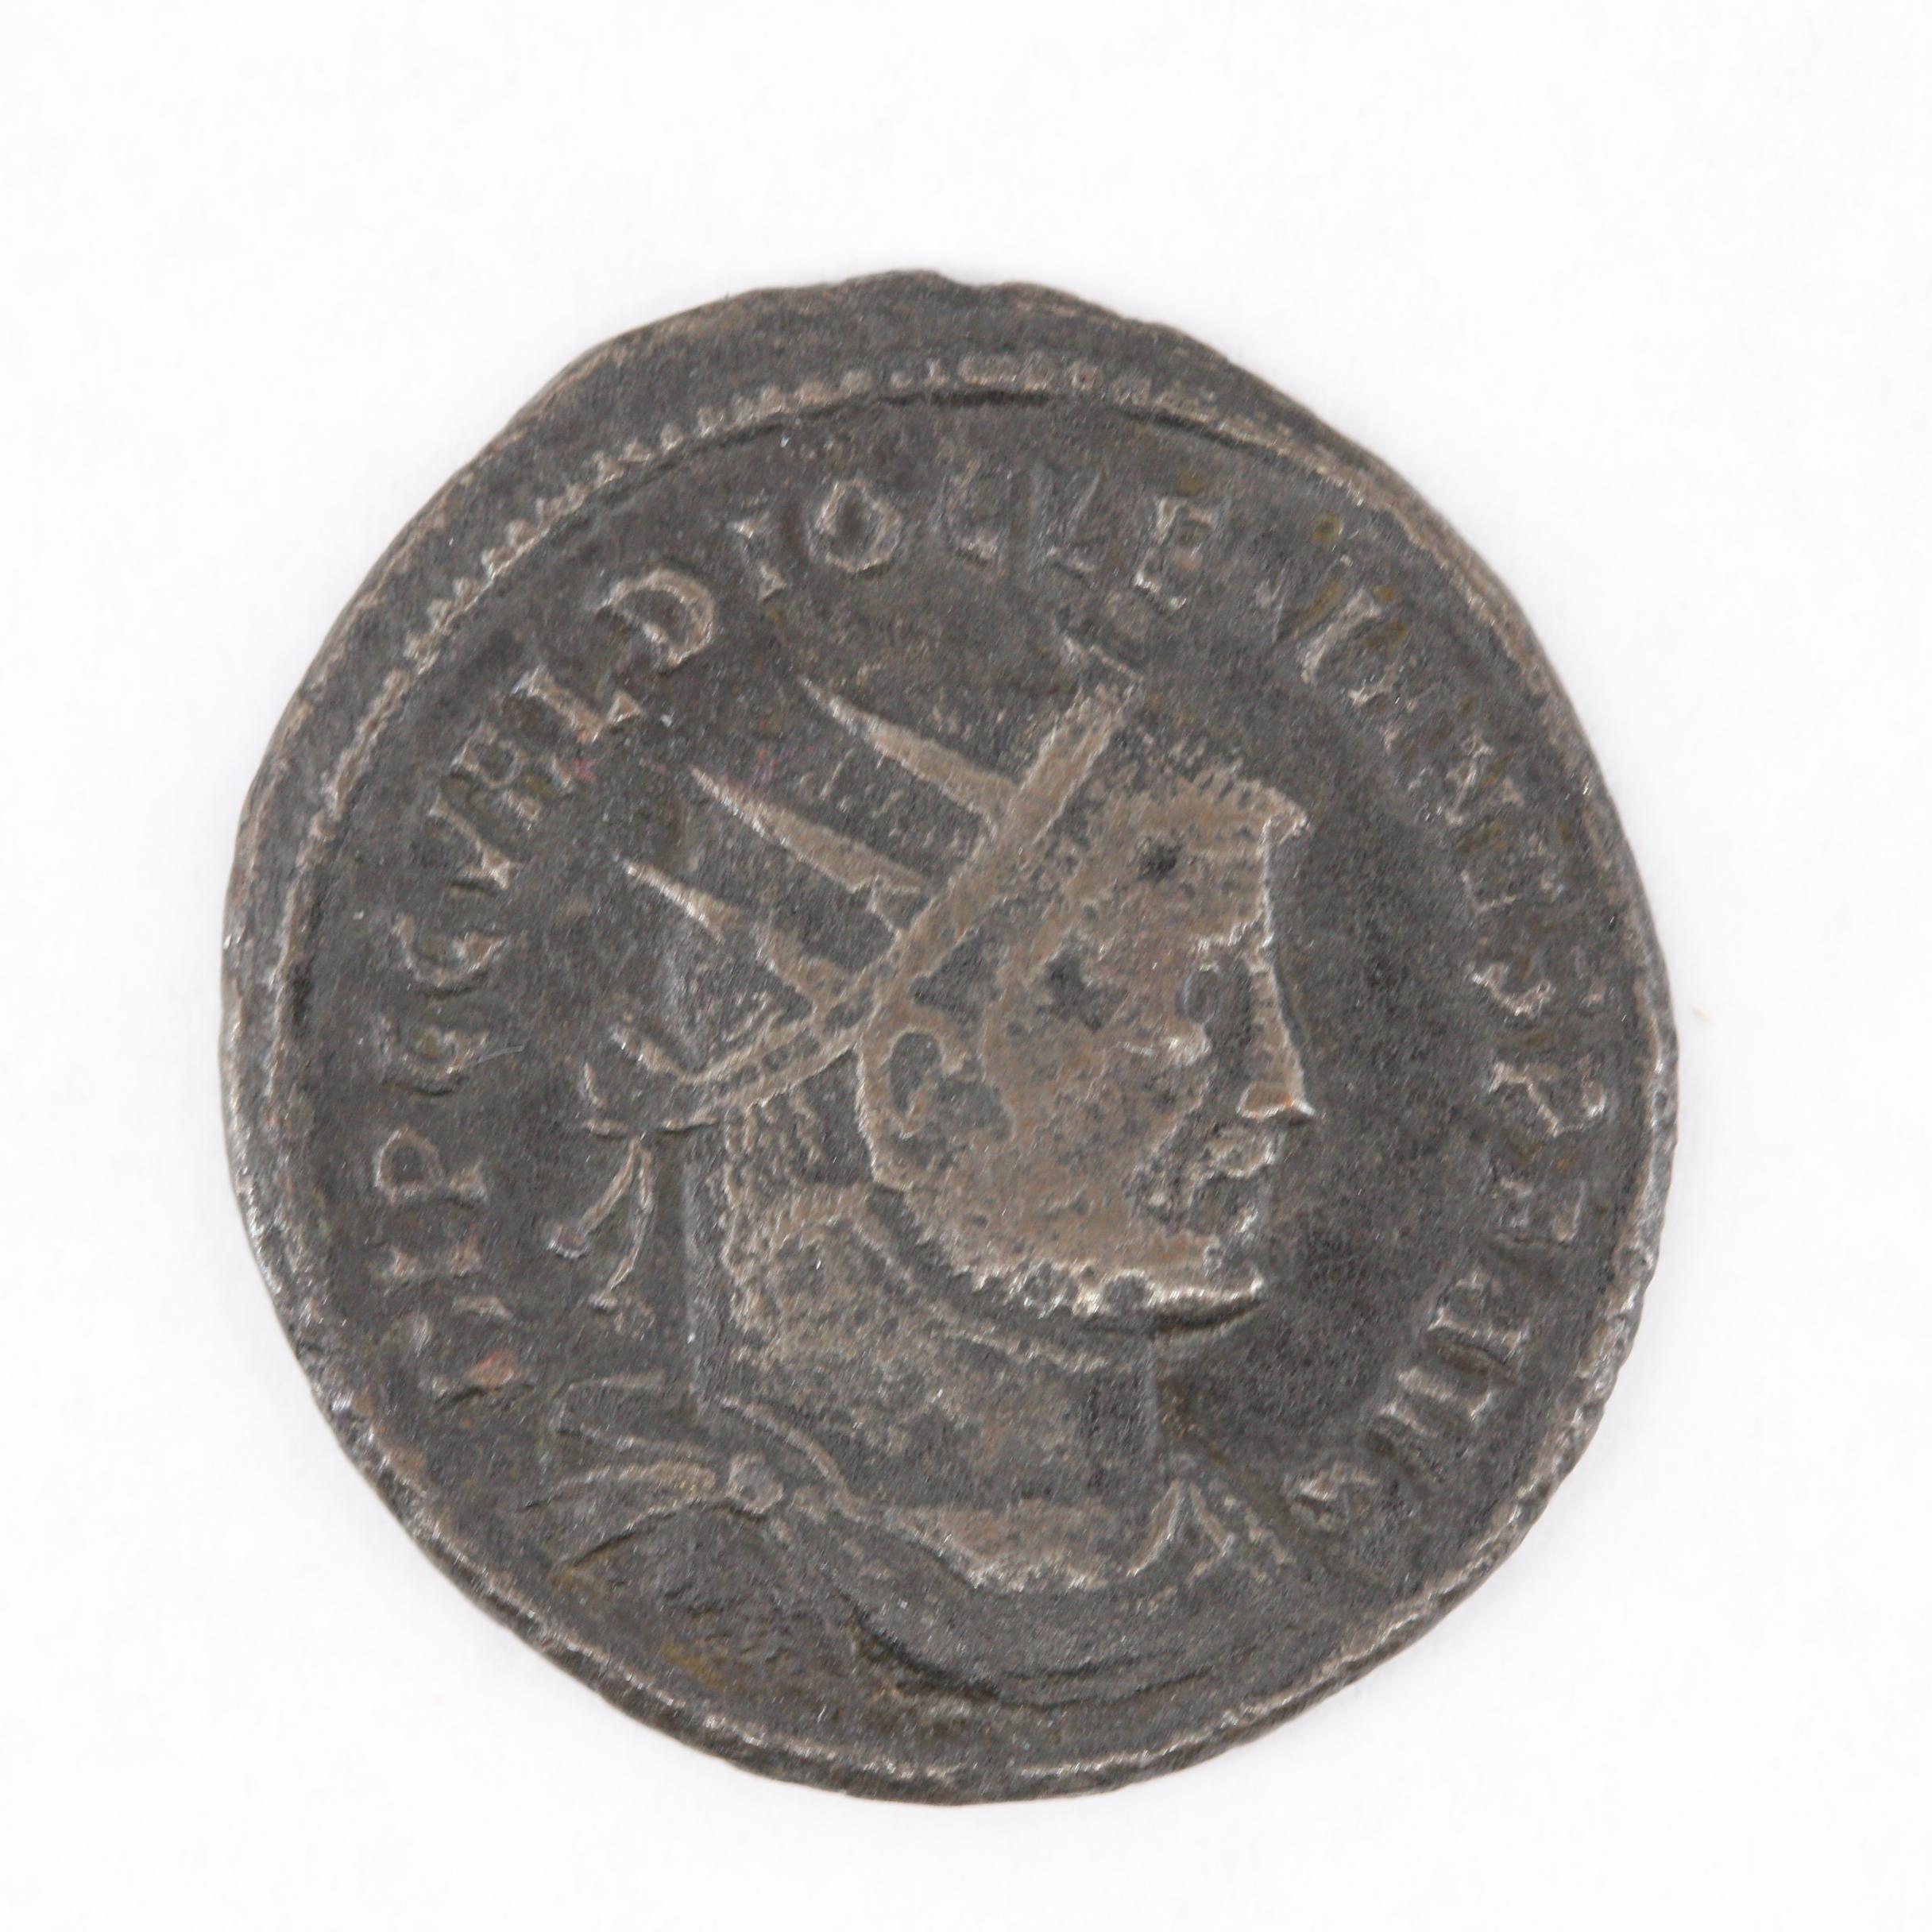 Ancient Roman Imperial Diocletian Bronze Follis, ca. 300 A.D.